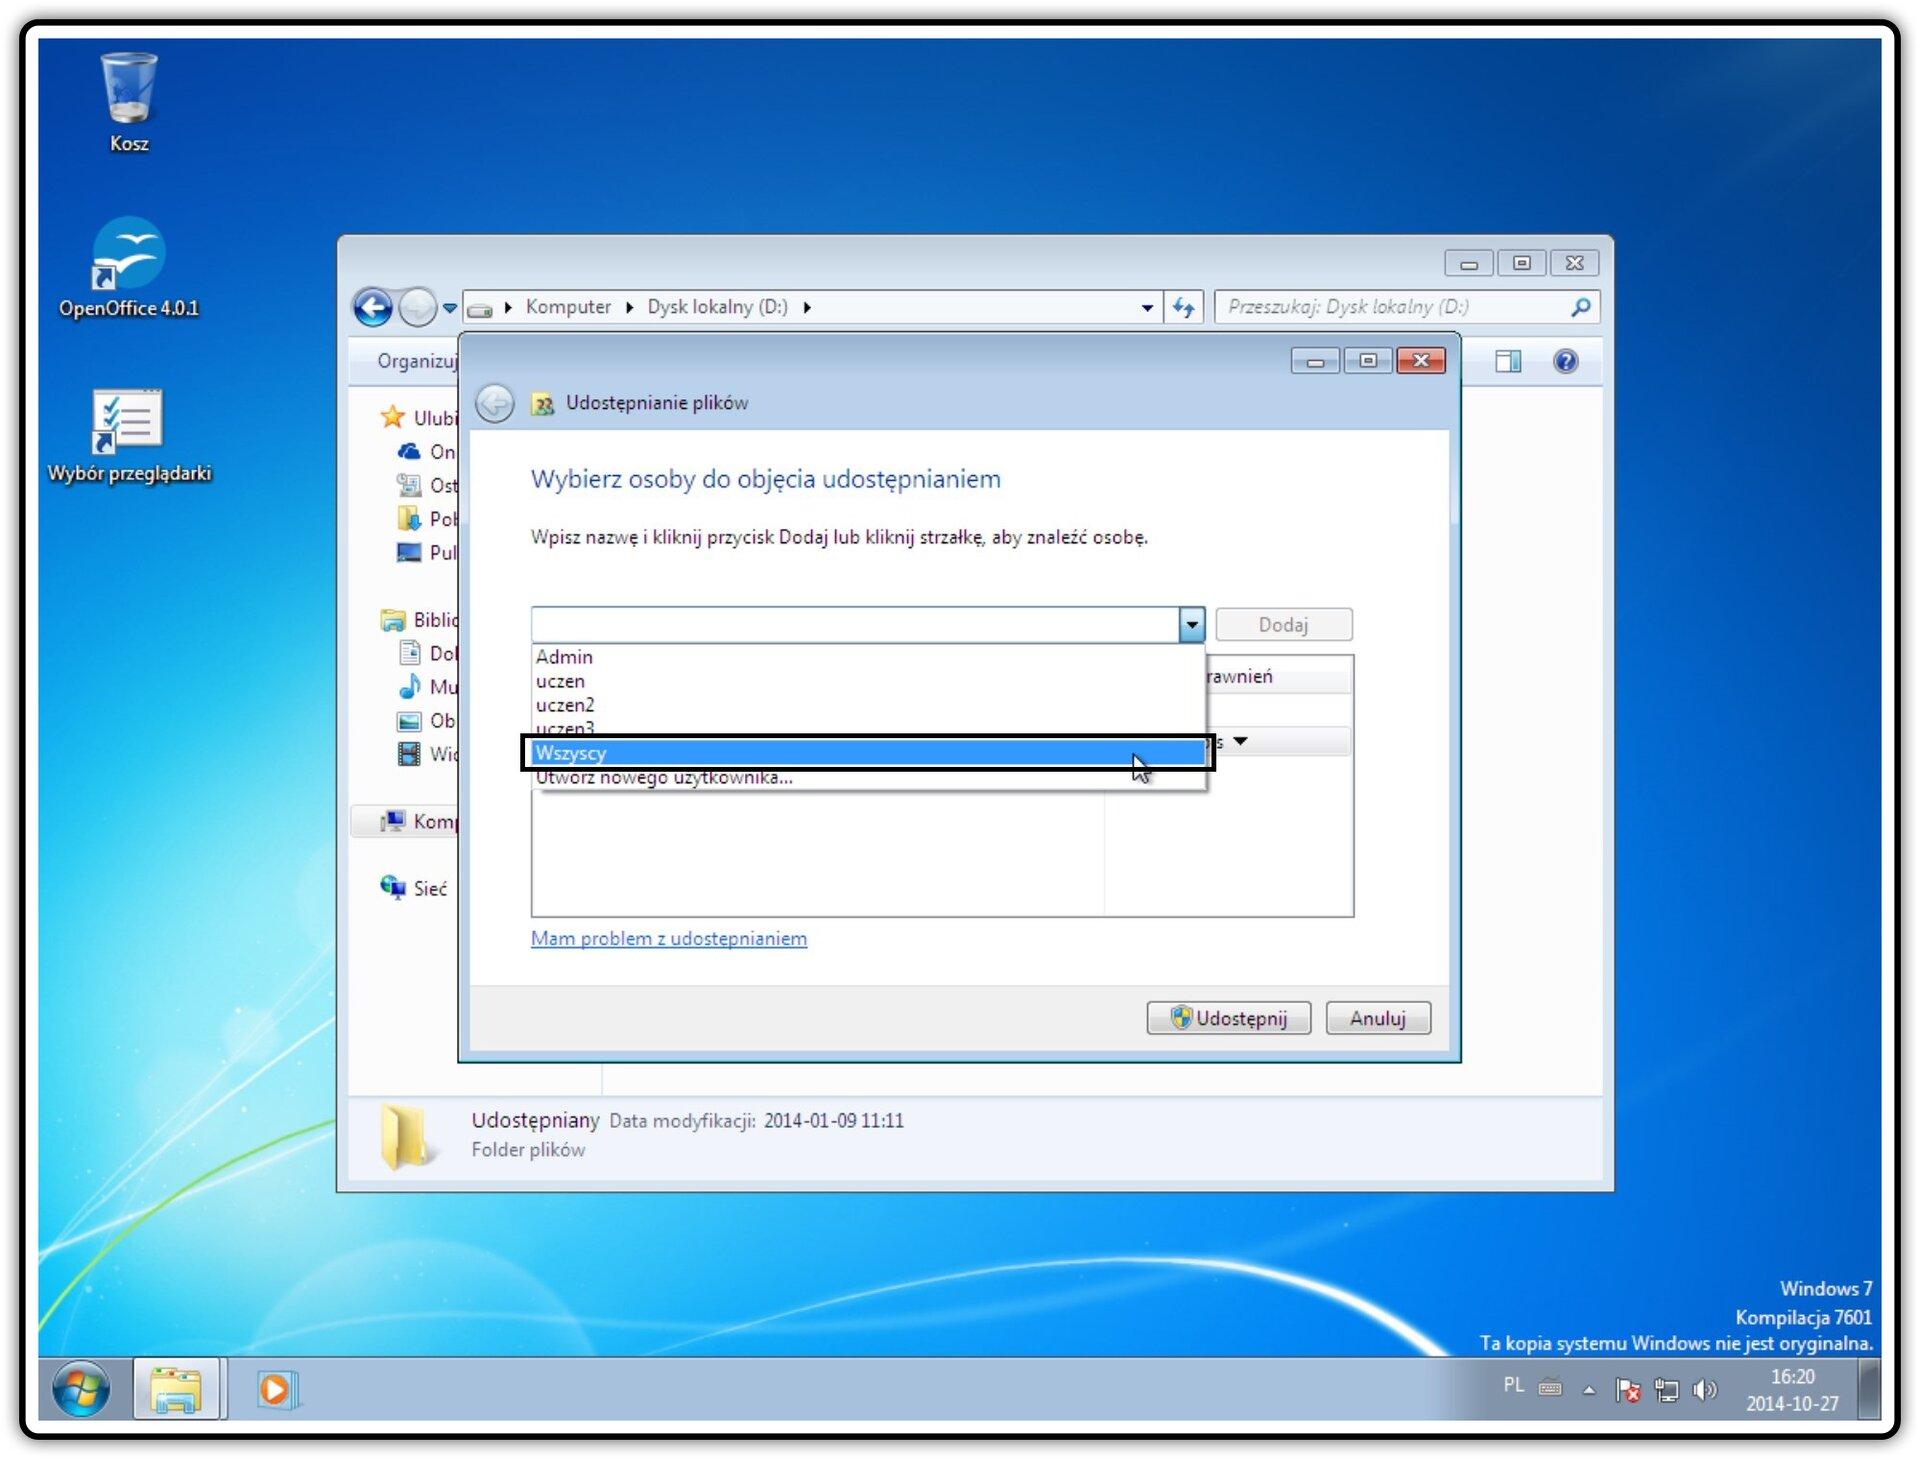 Slajd 2 galerii zrzutów okien: Udostępnianie zasobów wsystemie Windows